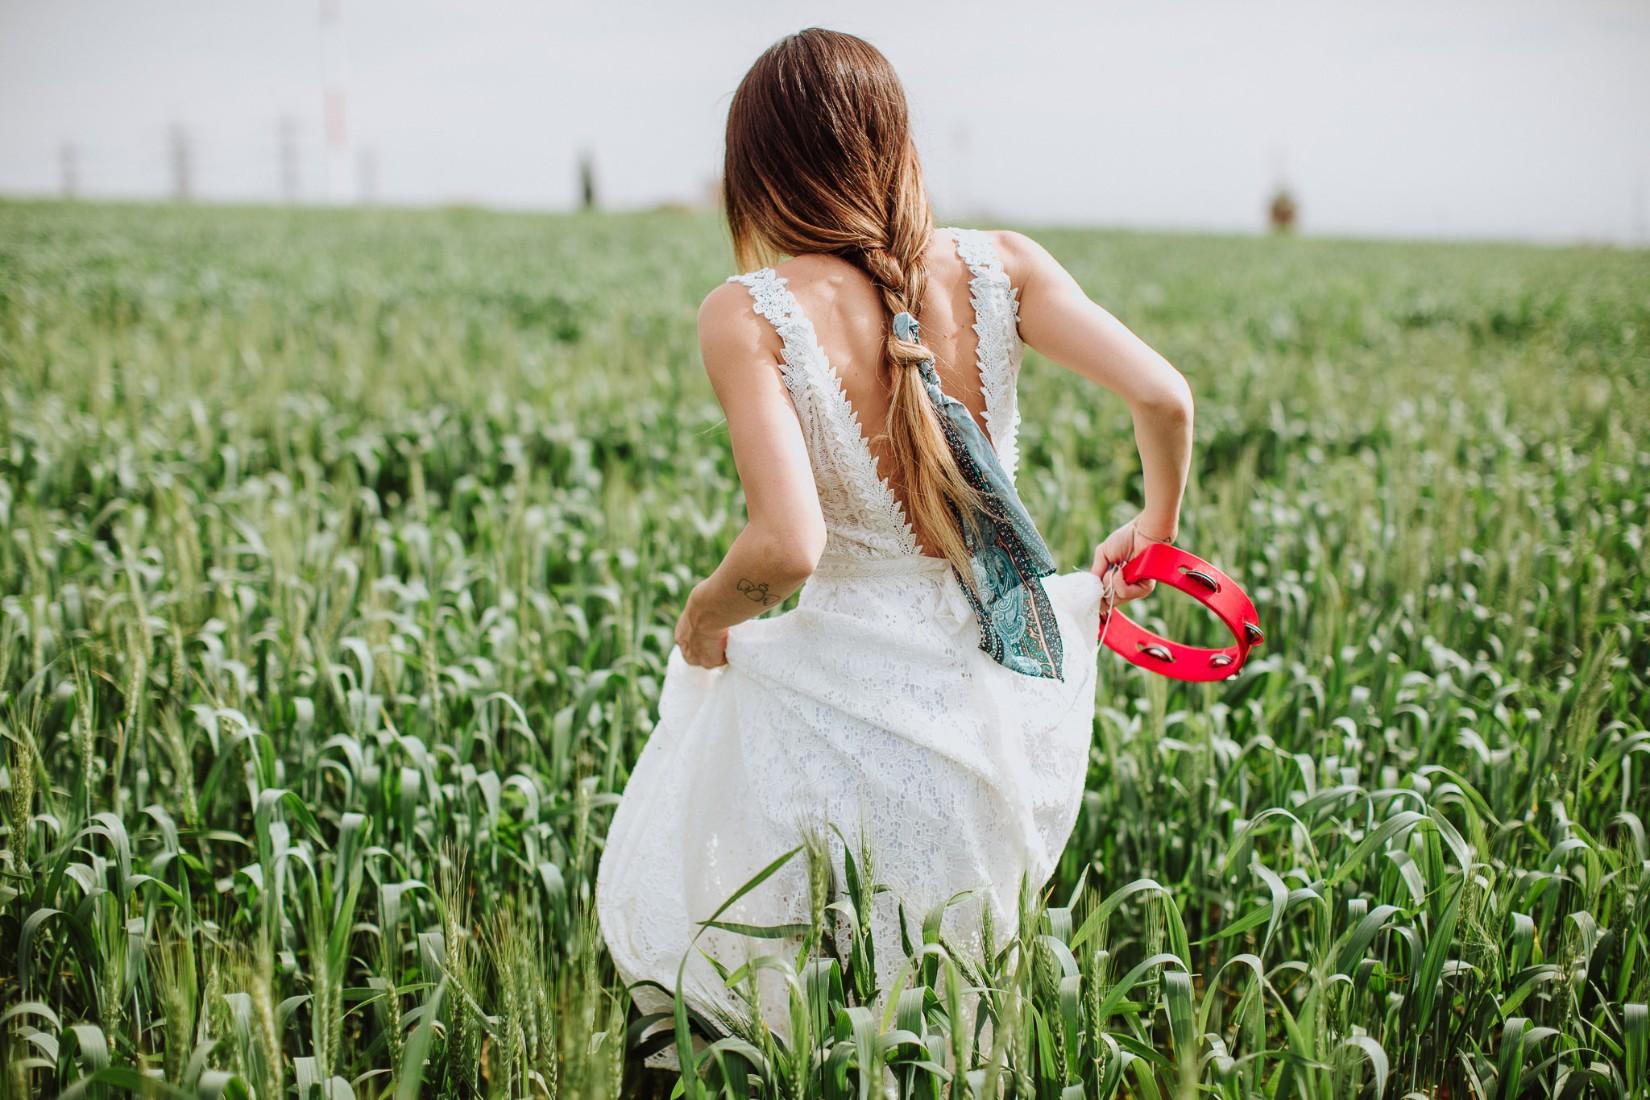 אביב באוויר: שישה צעדים לחתונת פסטיבל מושלמת